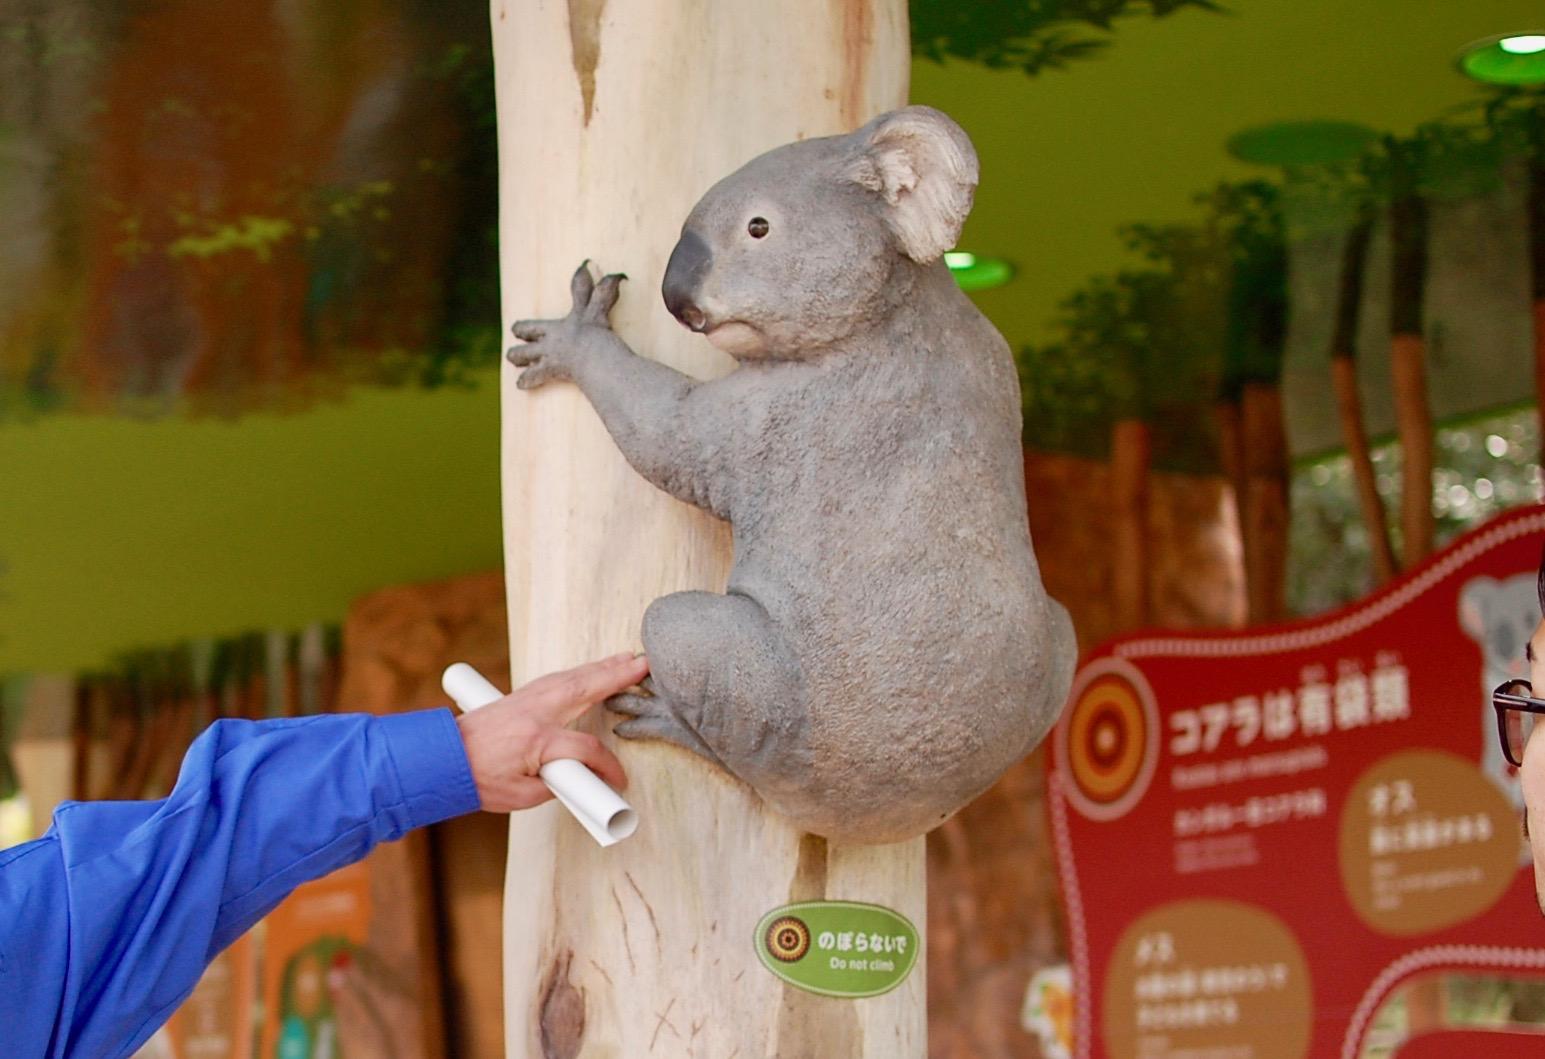 東山動物園の園長に聞いた!動物園をより楽しむためのプランとは - b8d0ac97cb1c1f17357fa23dbe37ece4